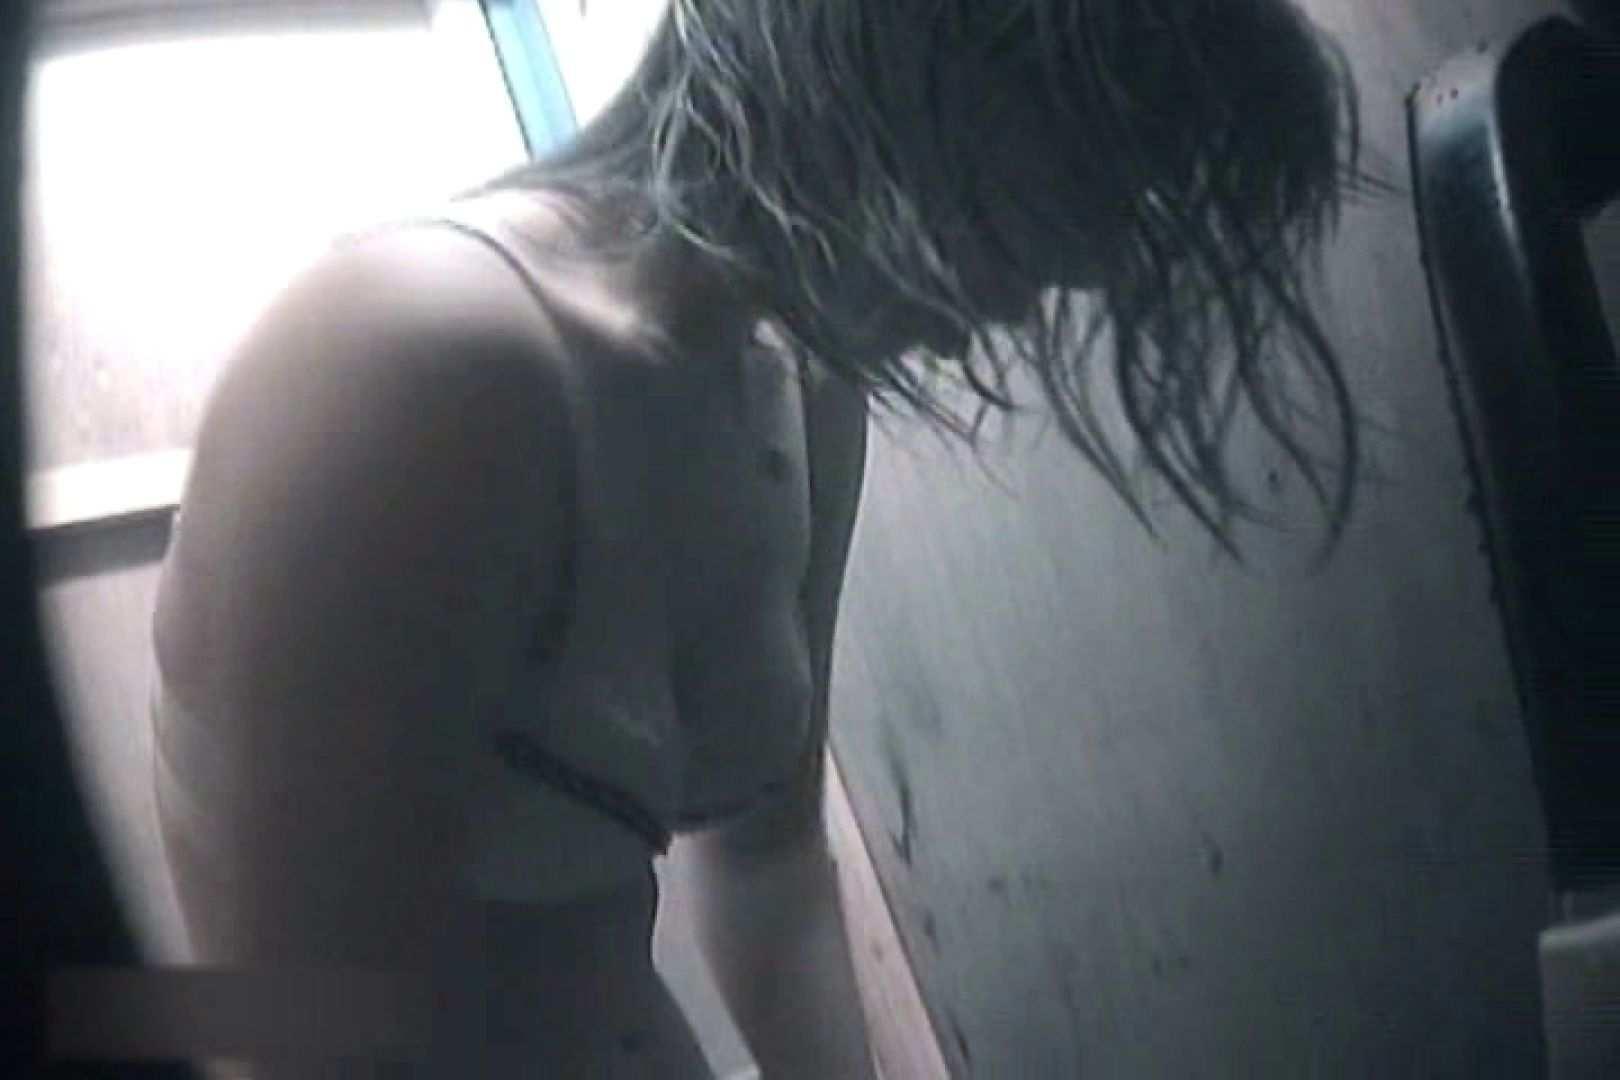 夏海シャワー室!ベトベトお肌をサラサラに!VOL.11 おまんこ丸見え 覗きオメコ動画キャプチャ 105連発 19